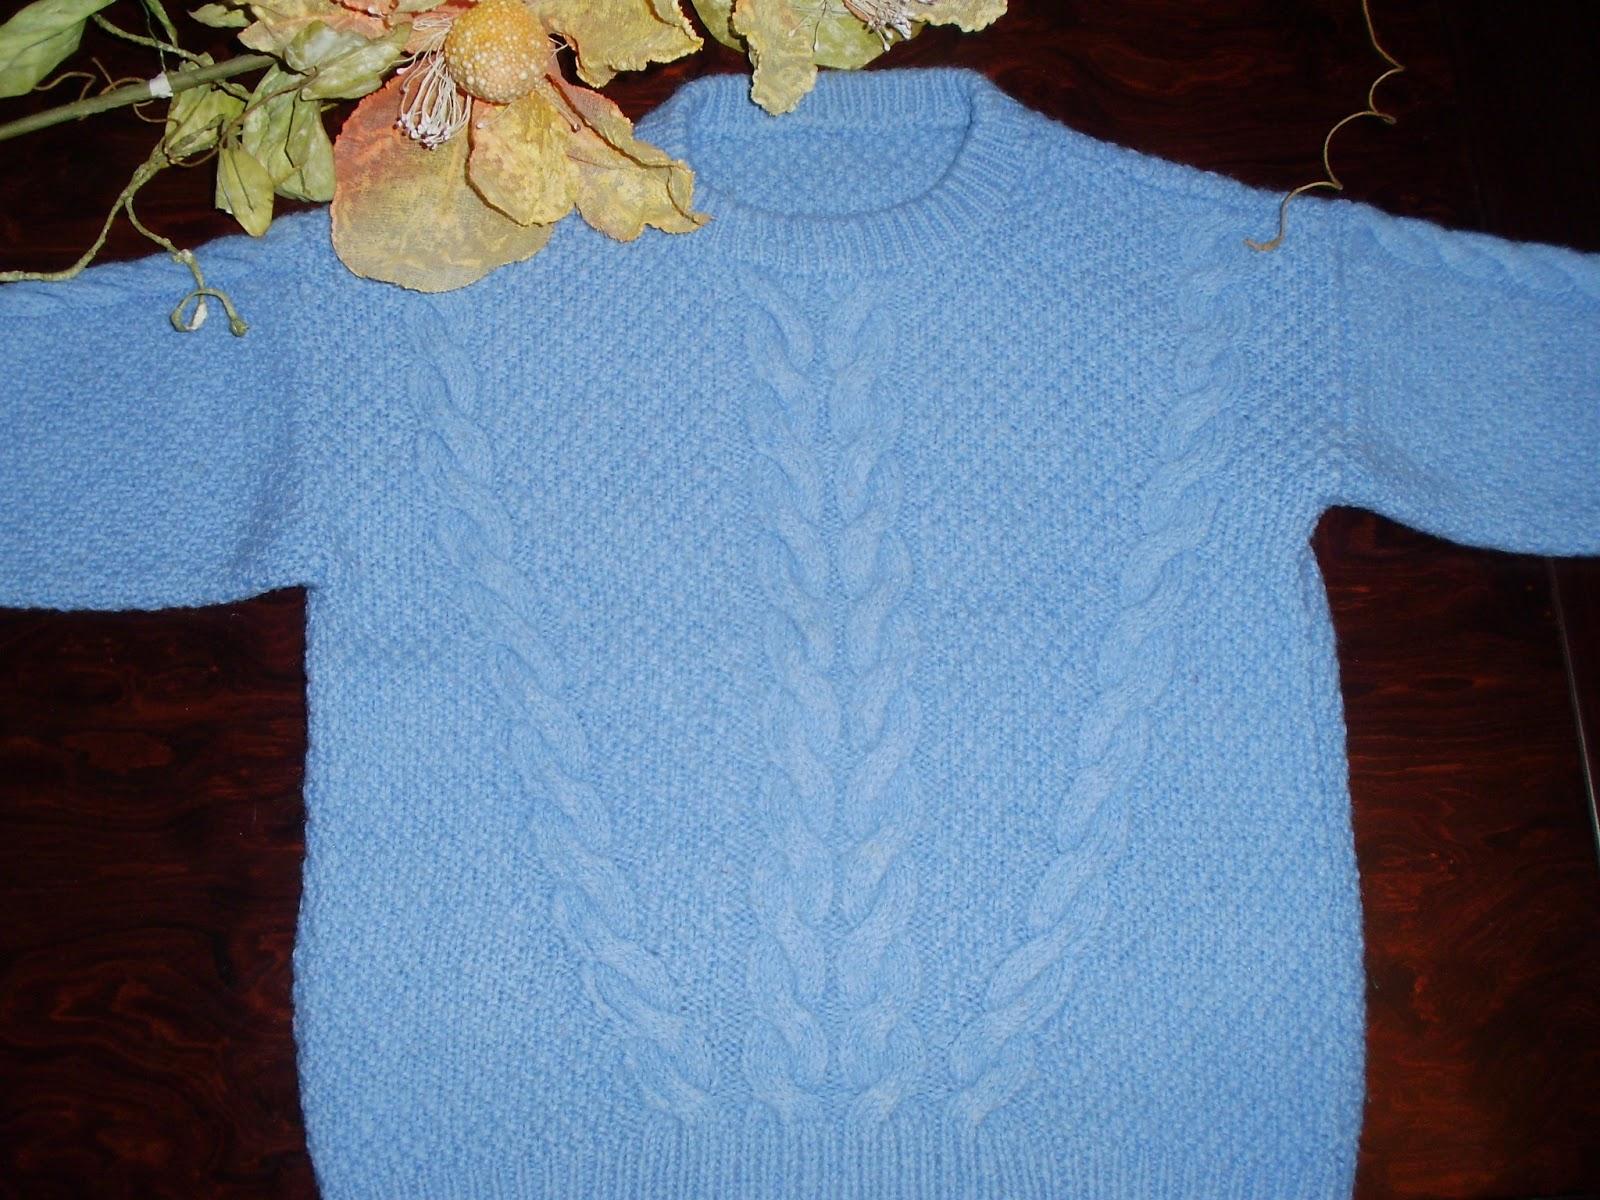 8027a45ad4f Victoria - Handmade Creations : Πλεκτό παιδικό πουλόβερ με πλεξίδες ...